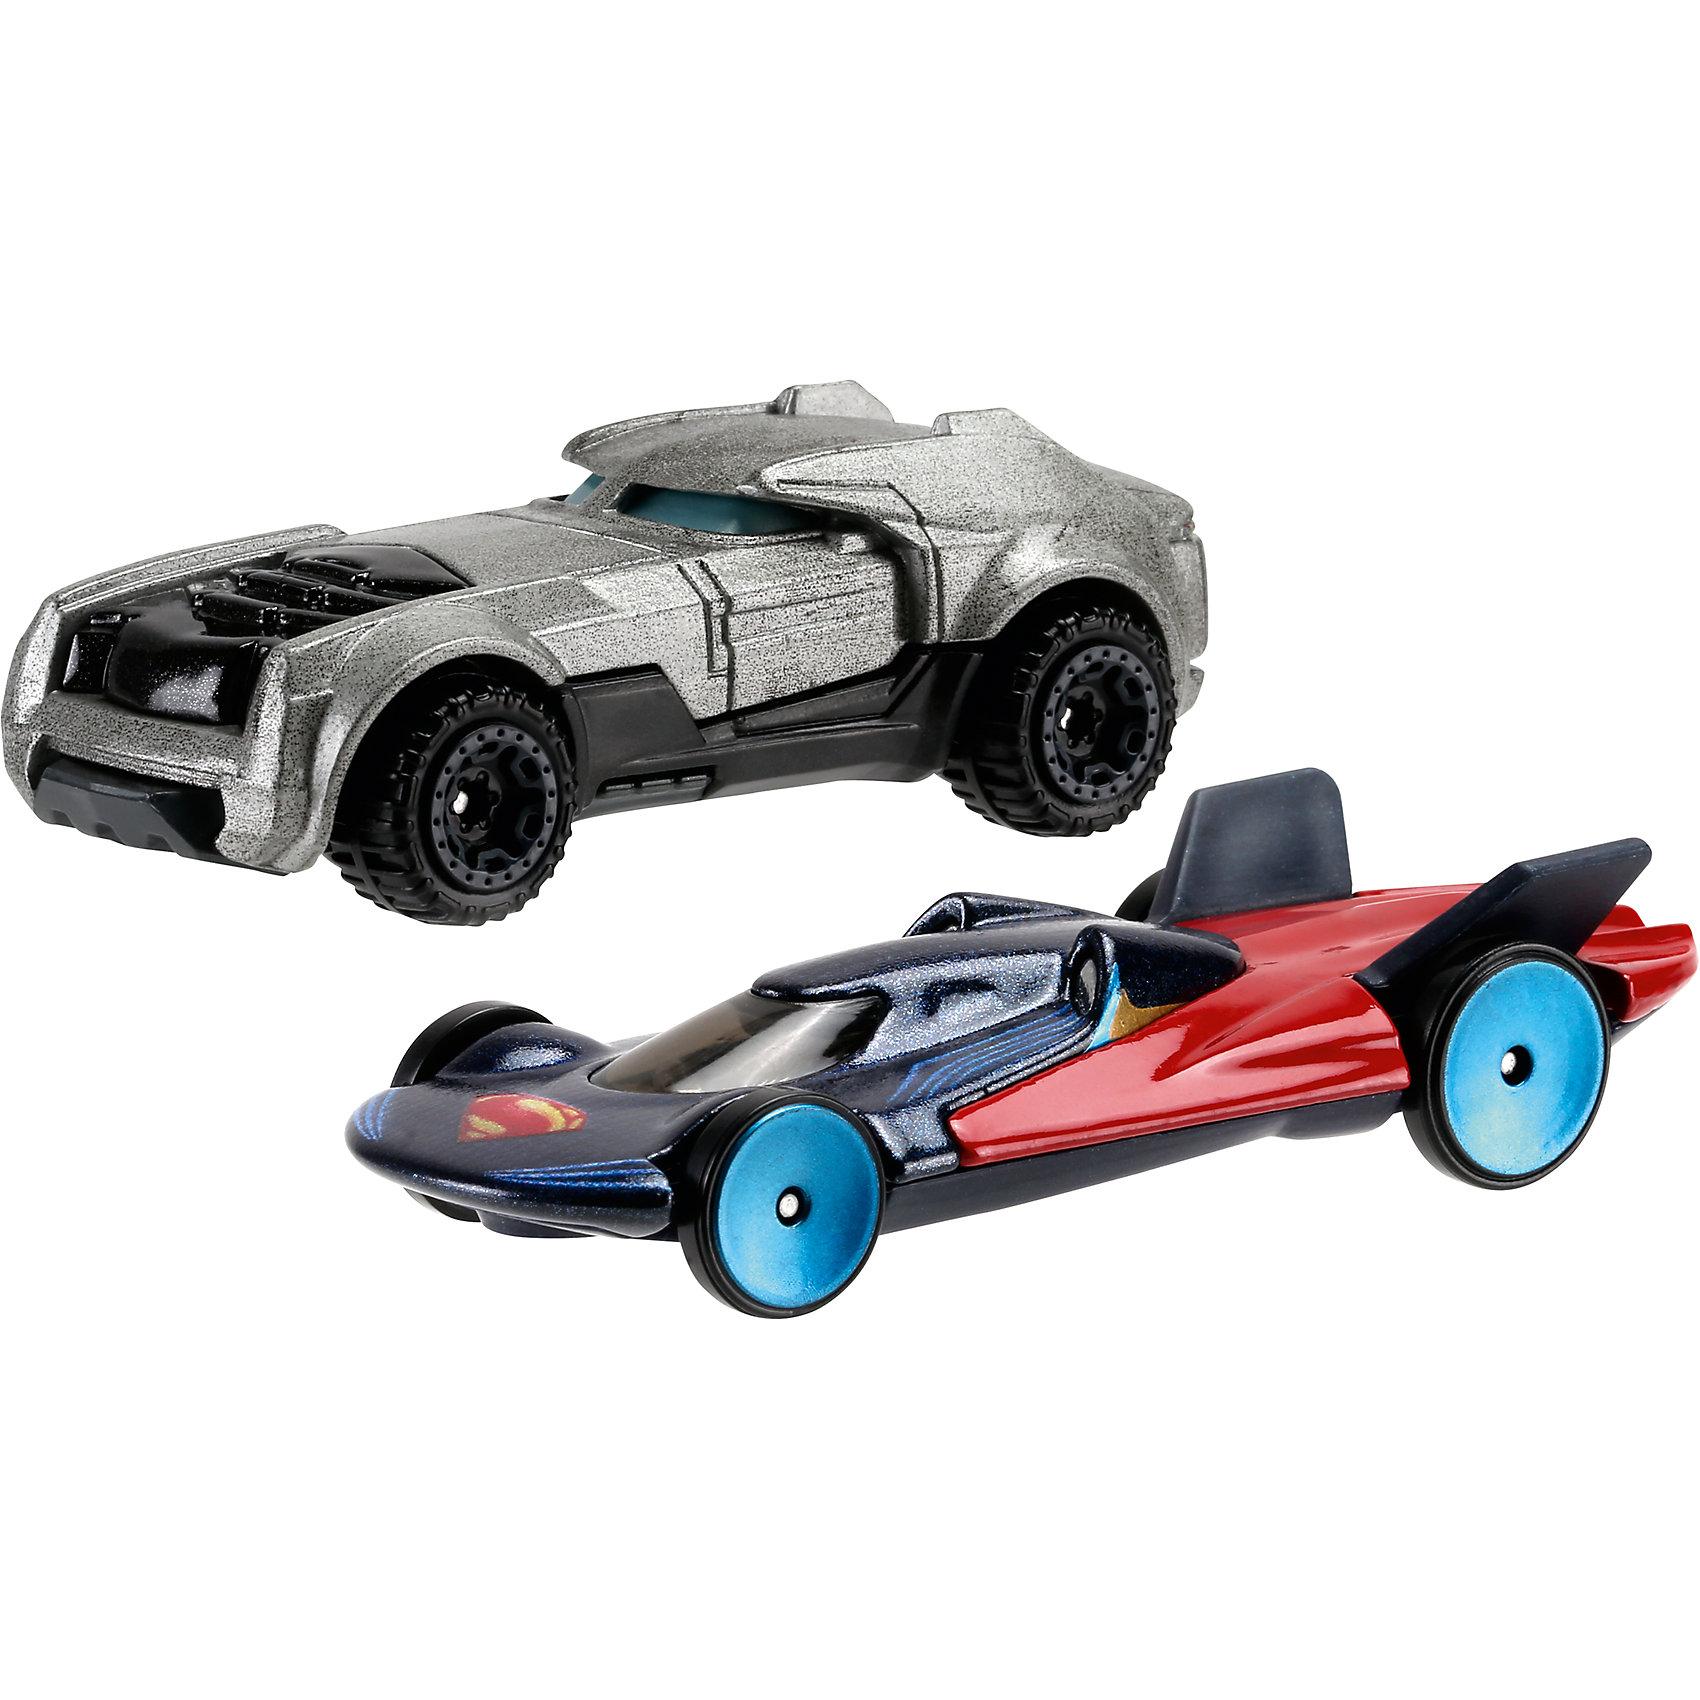 Машинки Бэтмен против Супермена, Hot WheelsКоллекционные модели<br>Машинки Бэтмен против Супермена - это комплект из двух небольших машинок, принадлежащим главным героям нового фильма «Бэтмен против Супермена: На заре справедливости» Такой набор порадует любого мальчишку!<br>Машинки сделаны из качественных и безопасных для ребенка материалов. Одна - повторяет расцветкой костюм Бэтмена, вторая - Супермена.<br><br>Дополнительная информация:<br><br>цвет: разноцветный,<br>комплектация: 2 машинки.<br><br>Машинки Бэтмен против Супермена, 2 шт, Hot Wheels можно купить в нашем магазине.<br><br>Ширина мм: 200<br>Глубина мм: 165<br>Высота мм: 65<br>Вес г: 164<br>Возраст от месяцев: 36<br>Возраст до месяцев: 84<br>Пол: Мужской<br>Возраст: Детский<br>SKU: 4697984